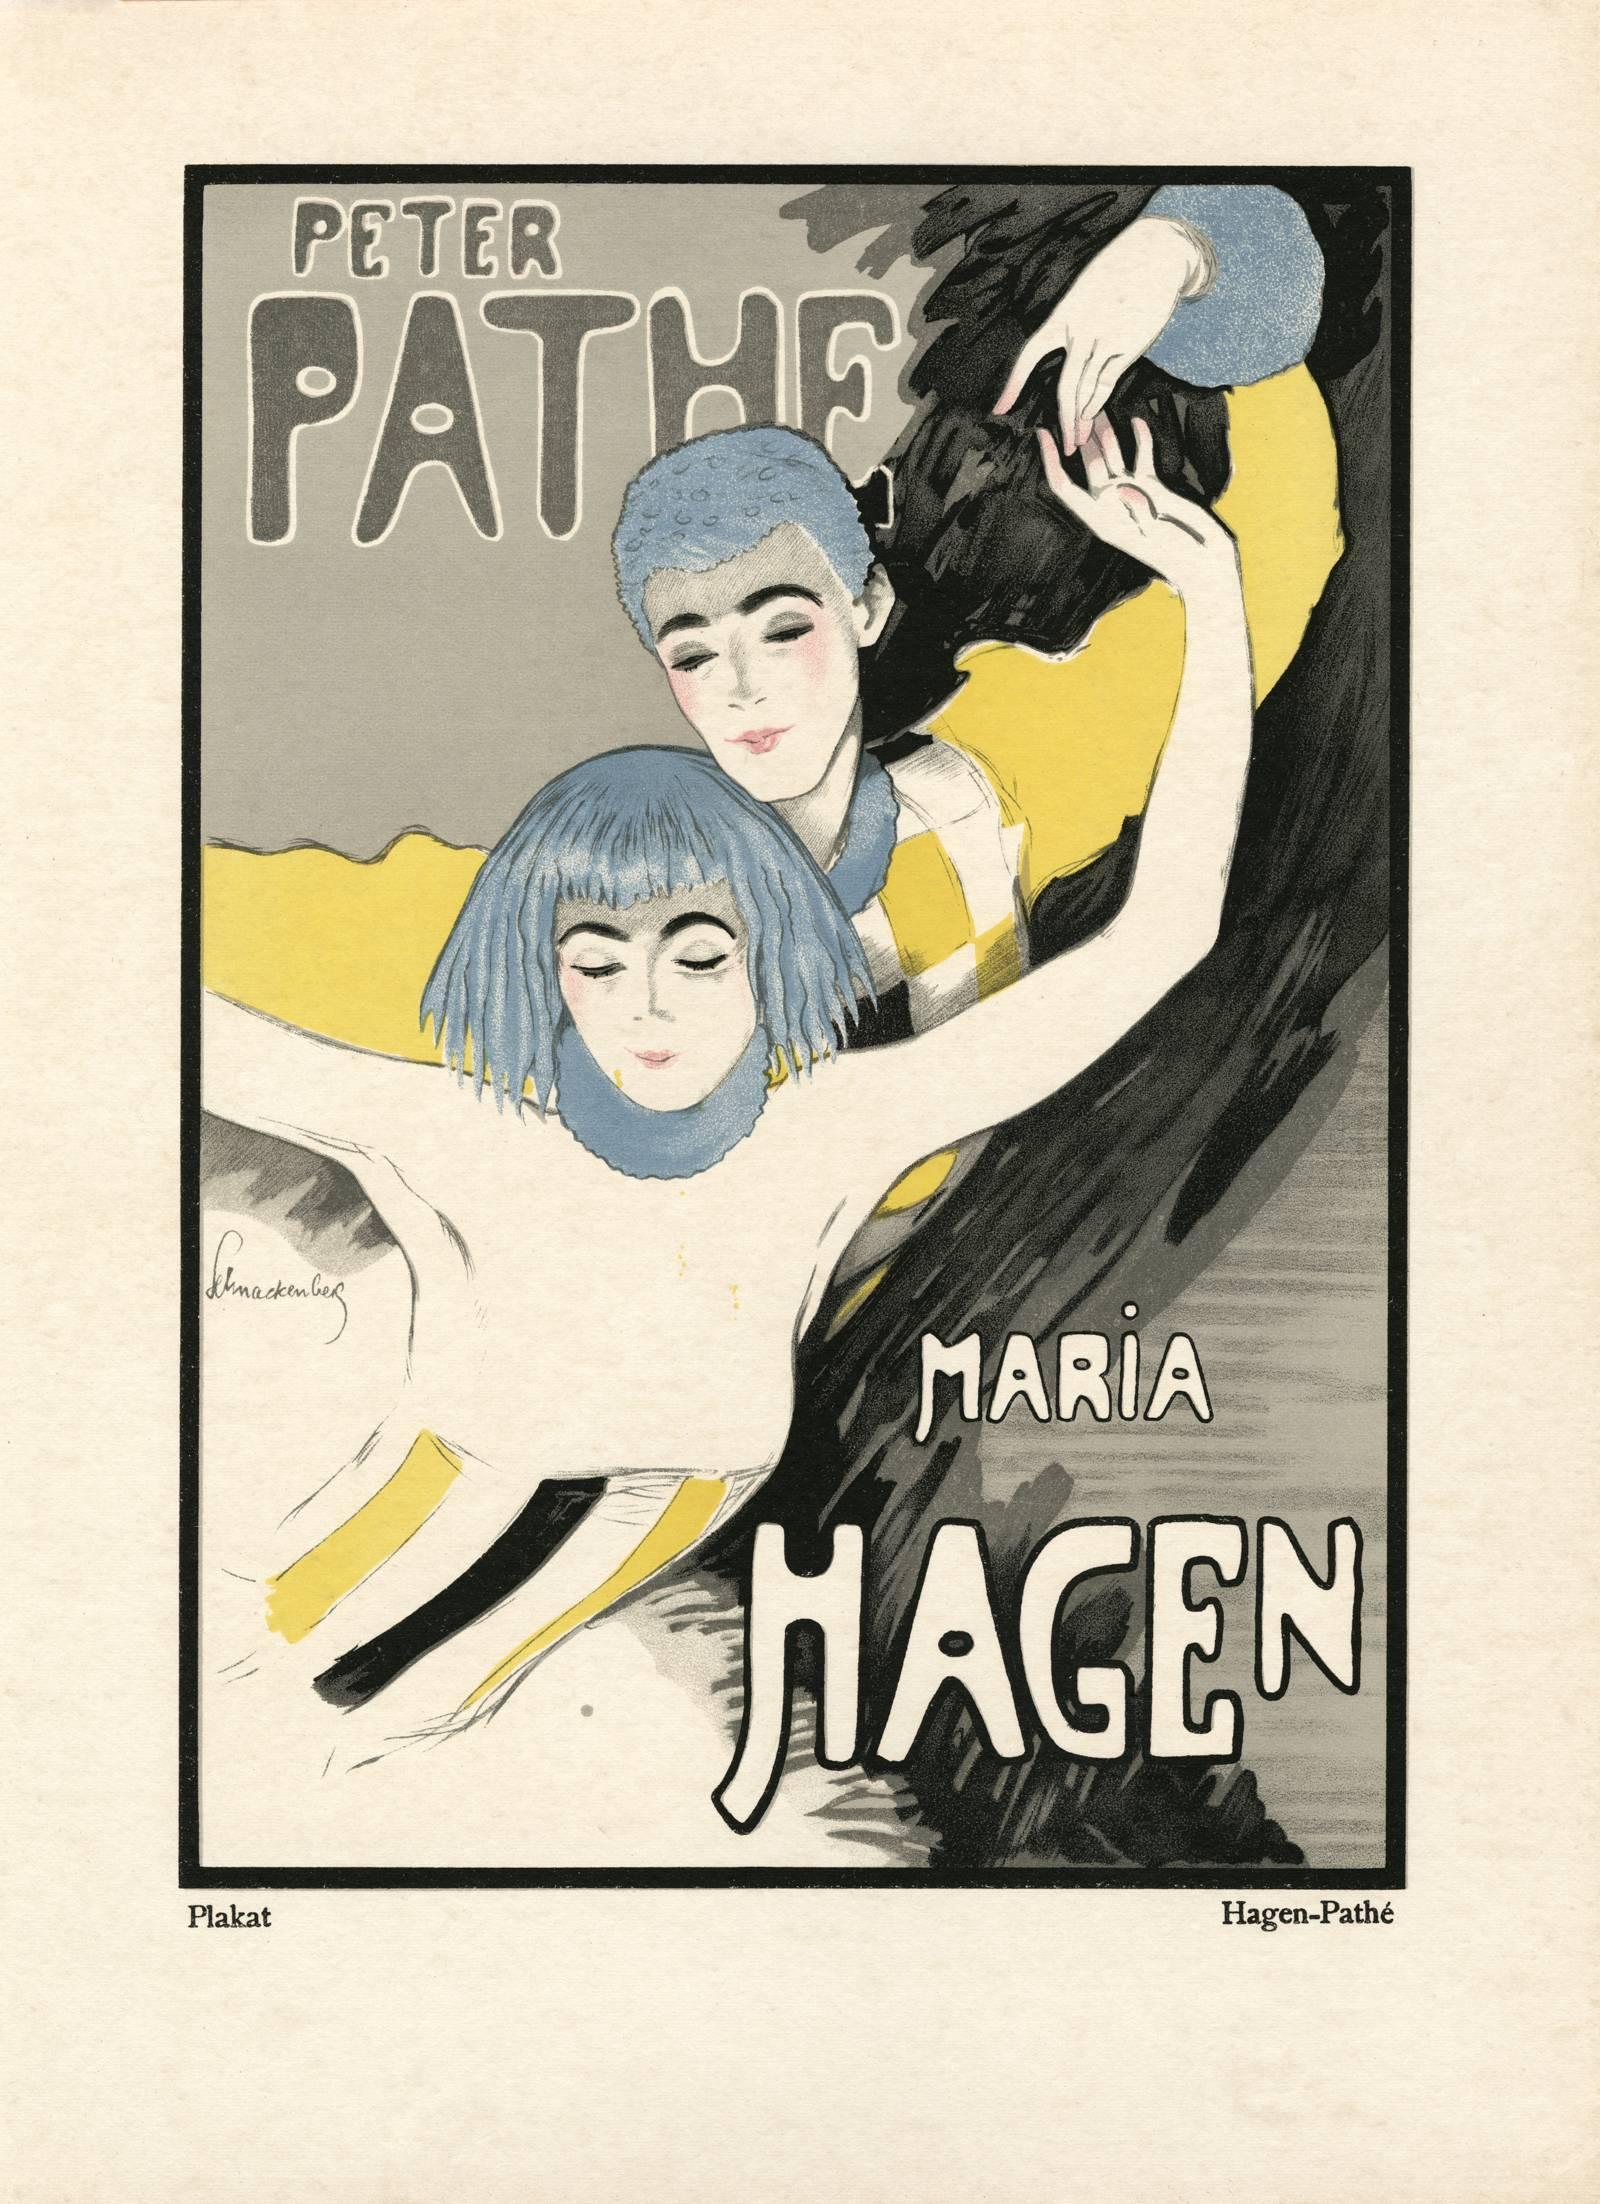 """Kostume, Plakate, und Dekorationen, """"Hagen-Pathe"""""""